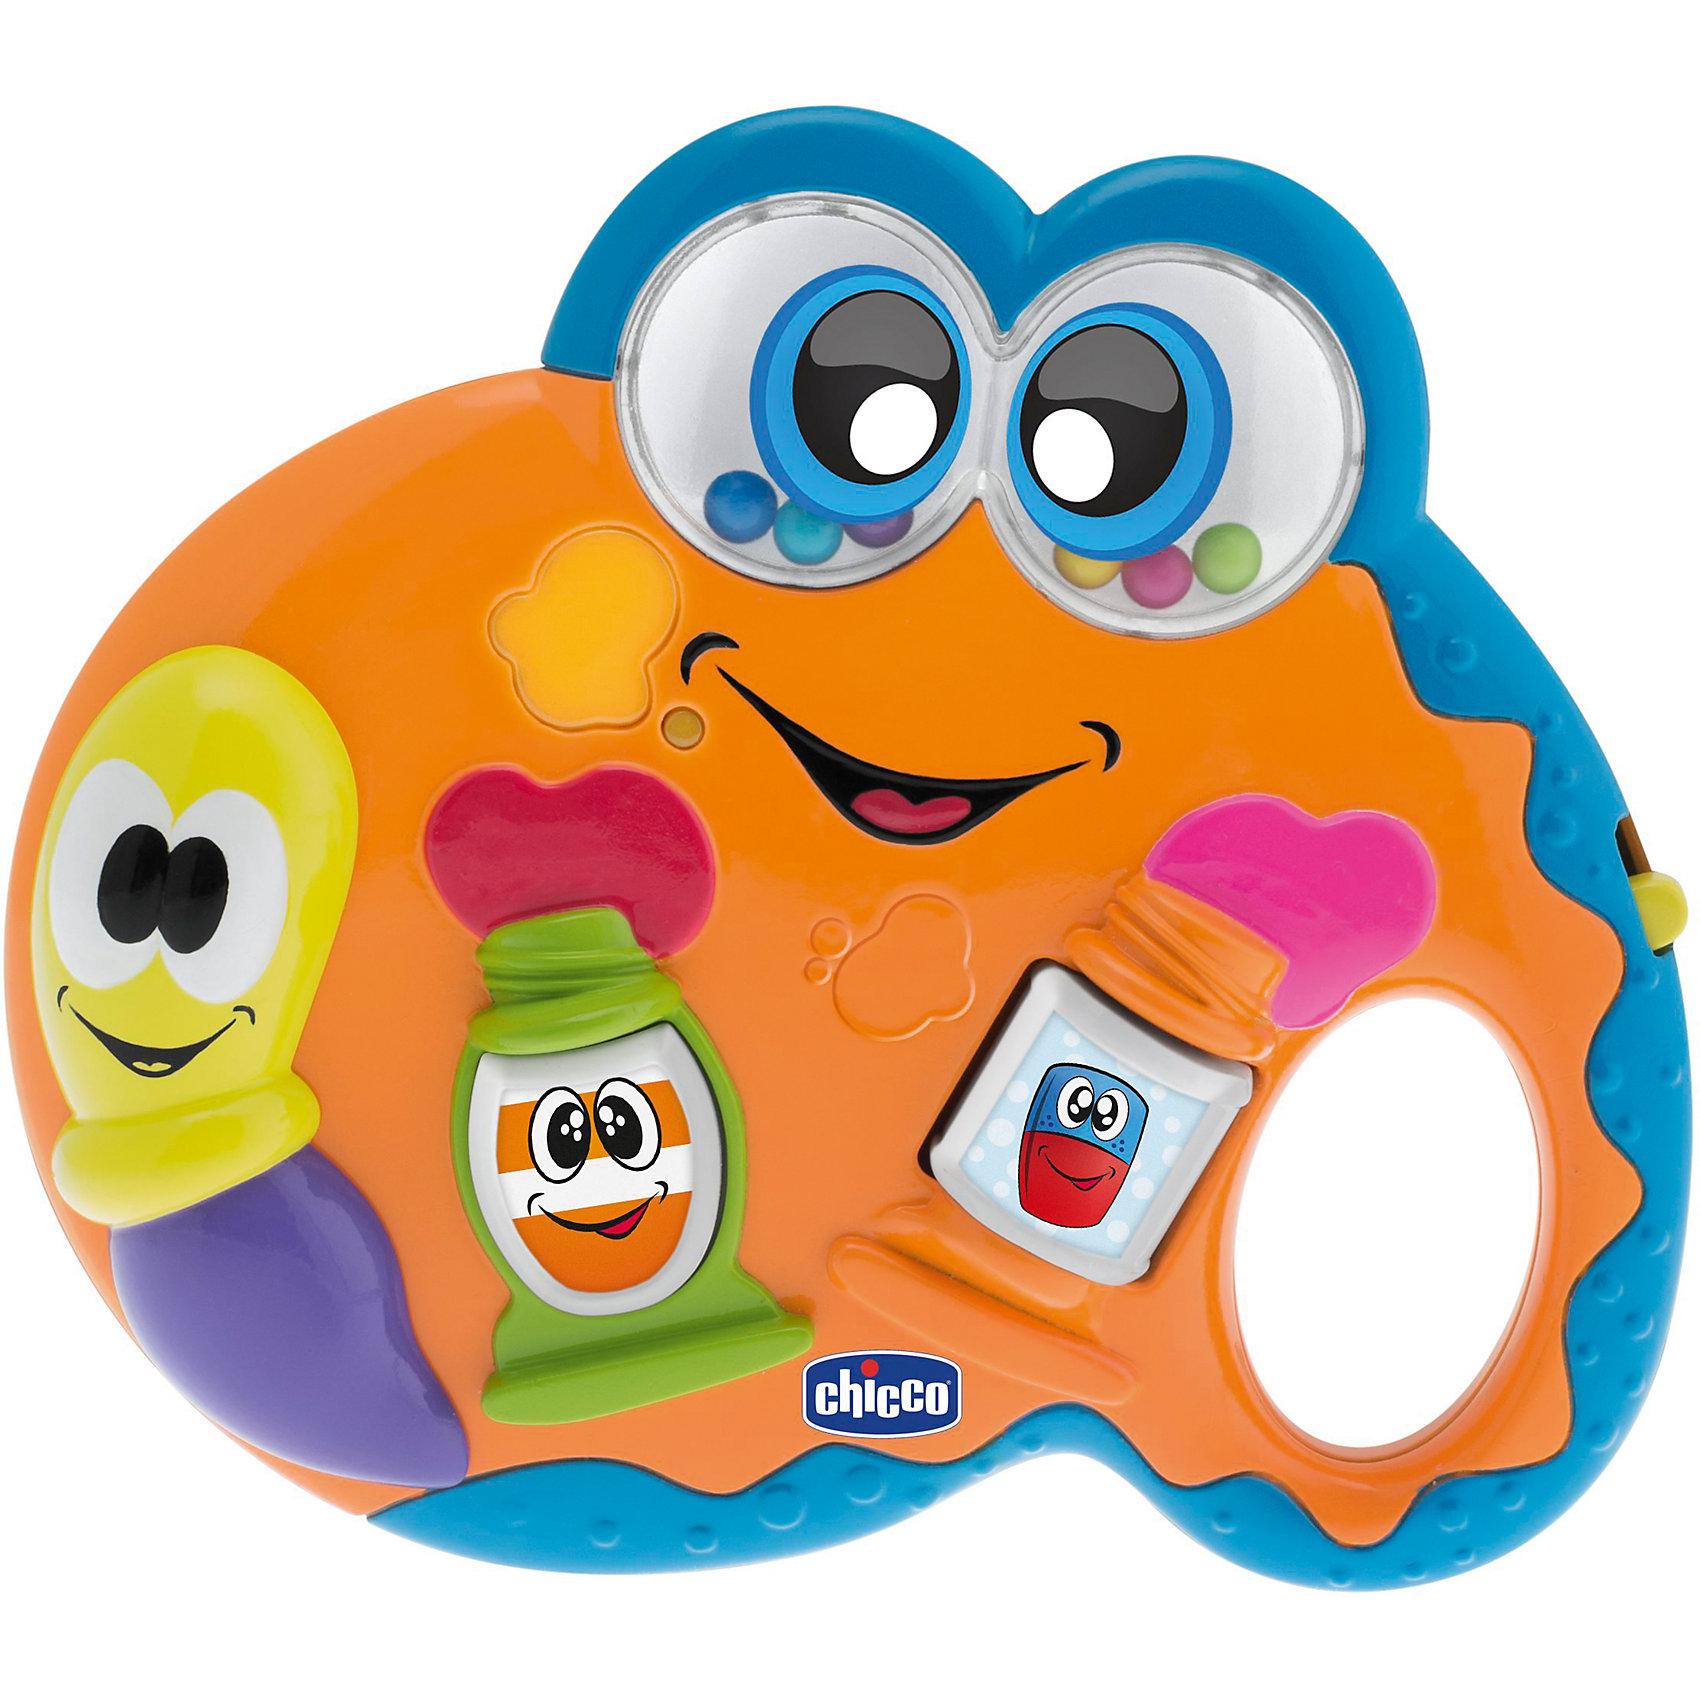 Музыкальная игрушка Палитра, CHICCOИнтерактивные игрушки для малышей<br>Музыкальная игрушка Палитра, CHICCO (ЧИКО) – эта игрушка поможет вашему малышу почувствовать себя настоящим художником!<br>Электронная игрушка со звуковыми и световыми эффектами позволит вашему малышу окунуться в мир искусства. Нажимая на разноцветные тюбики с красками, малыш услышит забавные и веселые мелодии, а сами тюбики будут гореть яркими огоньками, которые, несомненно, привлекут его внимание. Веселая улыбающаяся кисточка передвигается вверх и вниз, и издает забавные трещащие звуки. Баночка с краской крутится и весело трещит. В прозрачных глазках веселой палитры находятся разноцветные шарики, которые забавно гремят при встряхивании. Сама палитра имеет небольшое отверстие-ручку, за которую малыш сможет легко и удобно держать игрушку. Игрушка легкая по весу, с ней будет легко играть даже самым маленьким. Игрушка развивает зрительное восприятие за счет своей красочности, малыш знакомится с цветами и постепенно учится запоминать их. Игрушка развивает мелкую моторику, координацию движений, слуховые навыки ребенка, фантазию и творческое мышление.<br><br>Дополнительная информация:<br><br>- Материал: пластик<br>- Размер: 14 х 12 х 3 см.<br>- Батарейки: 3 типа LR44 (входят в комплект)<br><br>Музыкальную игрушку Палитра, CHICCO (ЧИКО) можно купить в нашем интернет-магазине.<br><br>Ширина мм: 200<br>Глубина мм: 68<br>Высота мм: 195<br>Вес г: 224<br>Возраст от месяцев: 6<br>Возраст до месяцев: 36<br>Пол: Унисекс<br>Возраст: Детский<br>SKU: 4577224